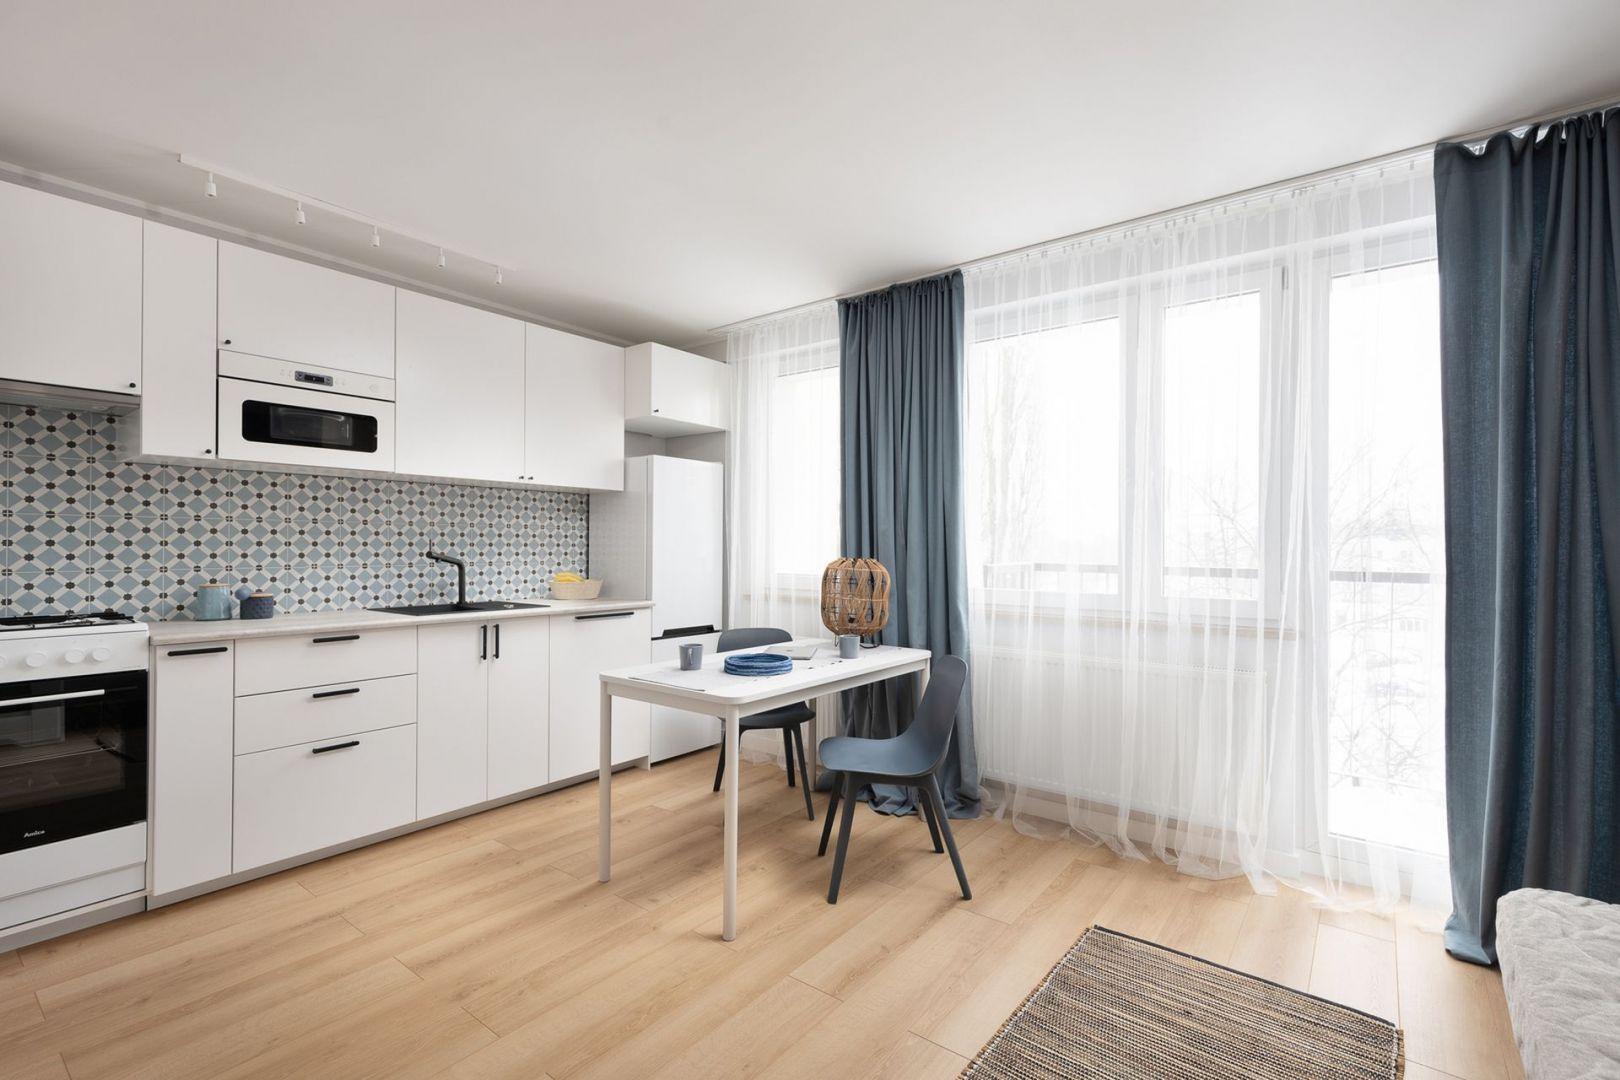 Mała biała kuchnia, jadalnia i salon to jedna otwarta przestrzeń. Projekt wnętrza, stylizacja: Ola Dąbrówka, pracownia Good Vibes Interiors. Fot. Mikołaj Dąbrowski